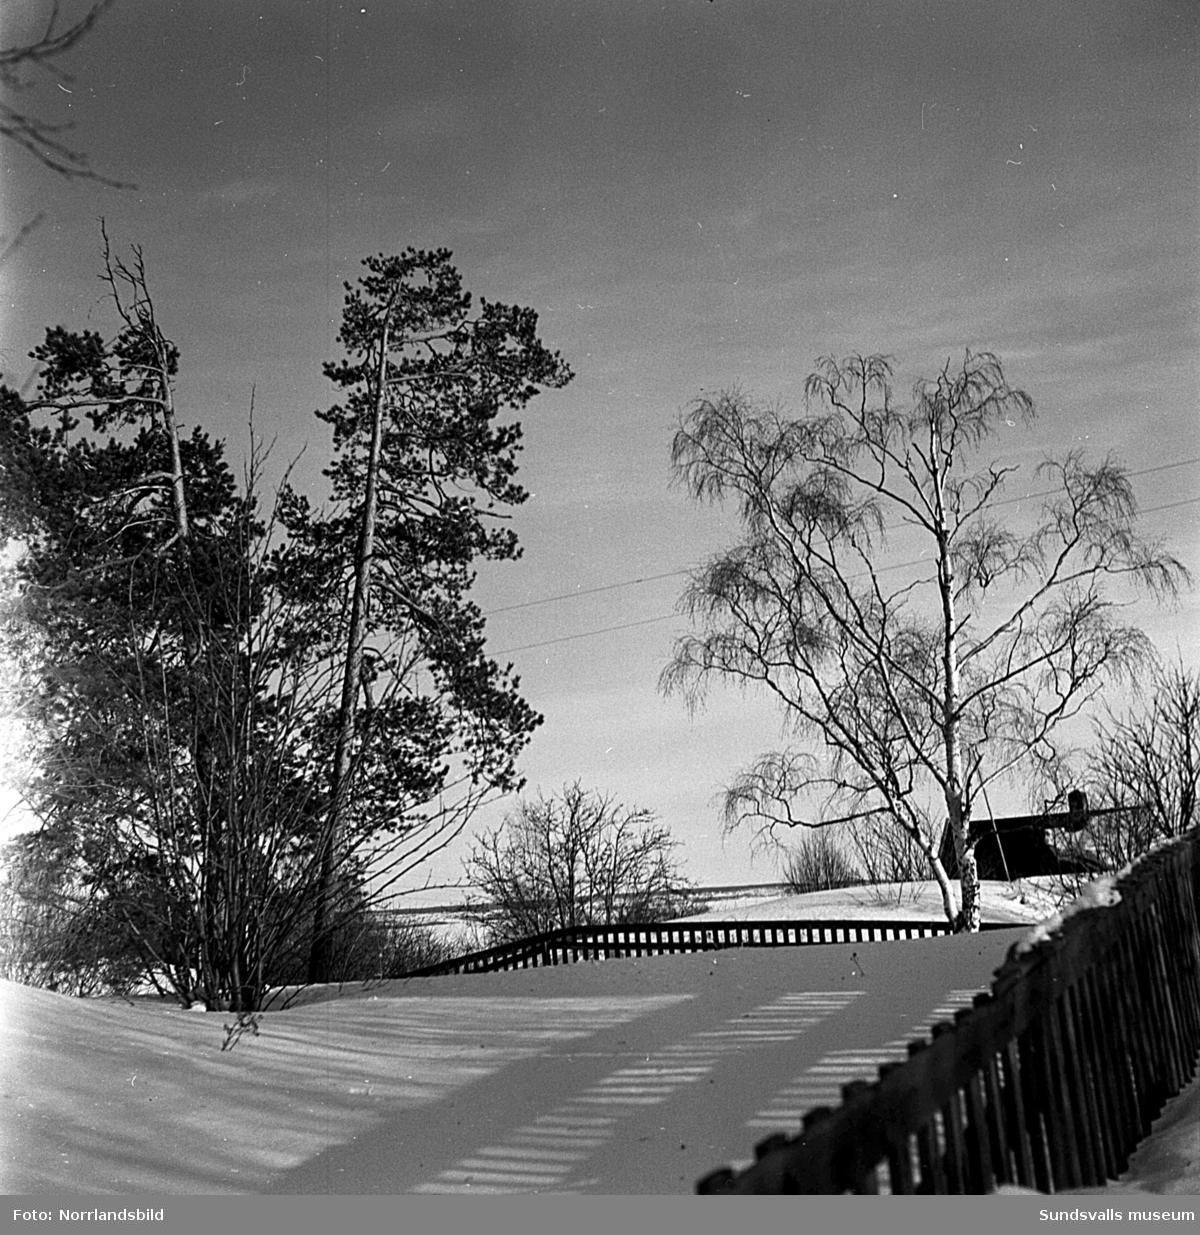 """Reportagebilder från Stenhammaren i Fagervik, Timrå.  För de flesta Sundsvallsbor är Stenhammaren mest känt som en del av Södermalm, men förflyttar man sig ett par mil norrut, till Fagervik, finner man även där ett område med samma namn. Det är hjärtat i den gamla bebyggelsen som uppstod under sågverkstiden i Fagervik. Det var där Ville Henrikssons pappa byggde först en, och sedan ytterligare en, liten stuga av utrangerade brädor från sågverket. Tomterna fick arbetarna köpa för en spottstyver då marken var stenig och ansågs värdelös. På den första bilden från slutet av mars 1951 syns Ville Henriksson, som fortfarande bor kvar på föräldragården, i full färd med att bära ved. Ved som han sågat av virket från den äldsta av stugorna på tomten eftersom: """"Ve'n är så förbannat dyr""""."""